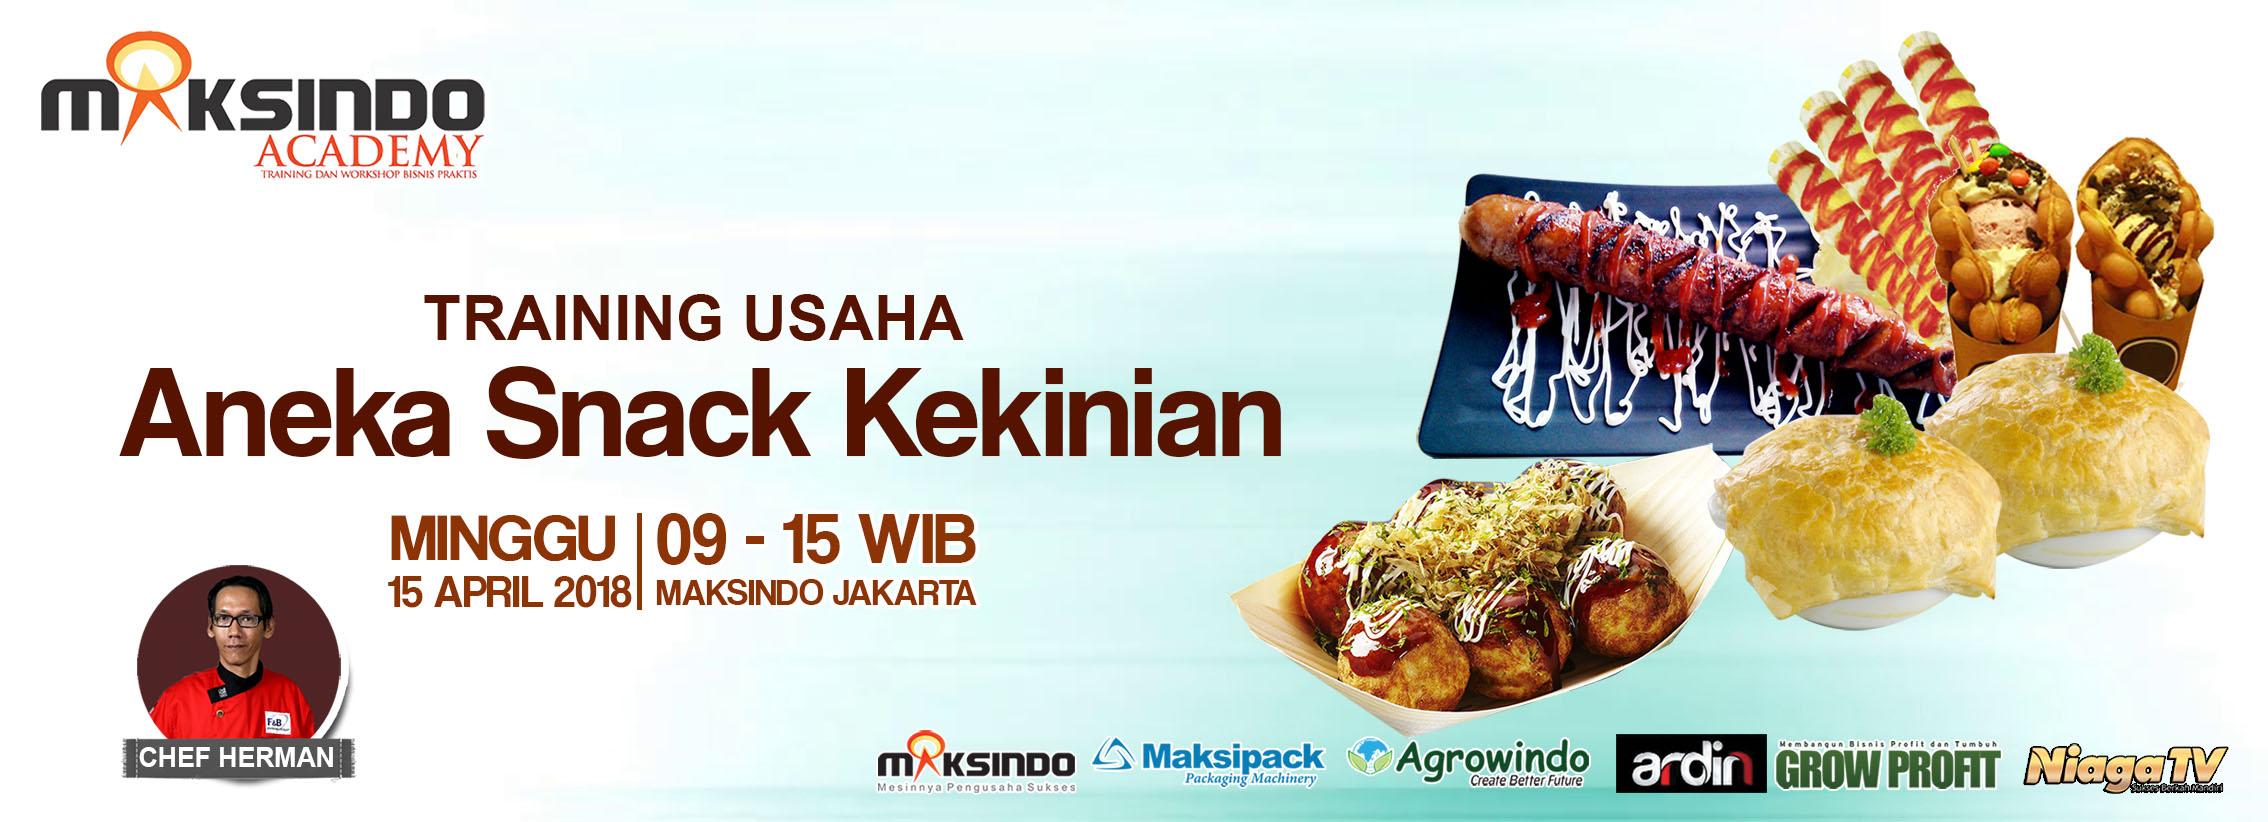 Toko Mesin Maksindo Makassar 2